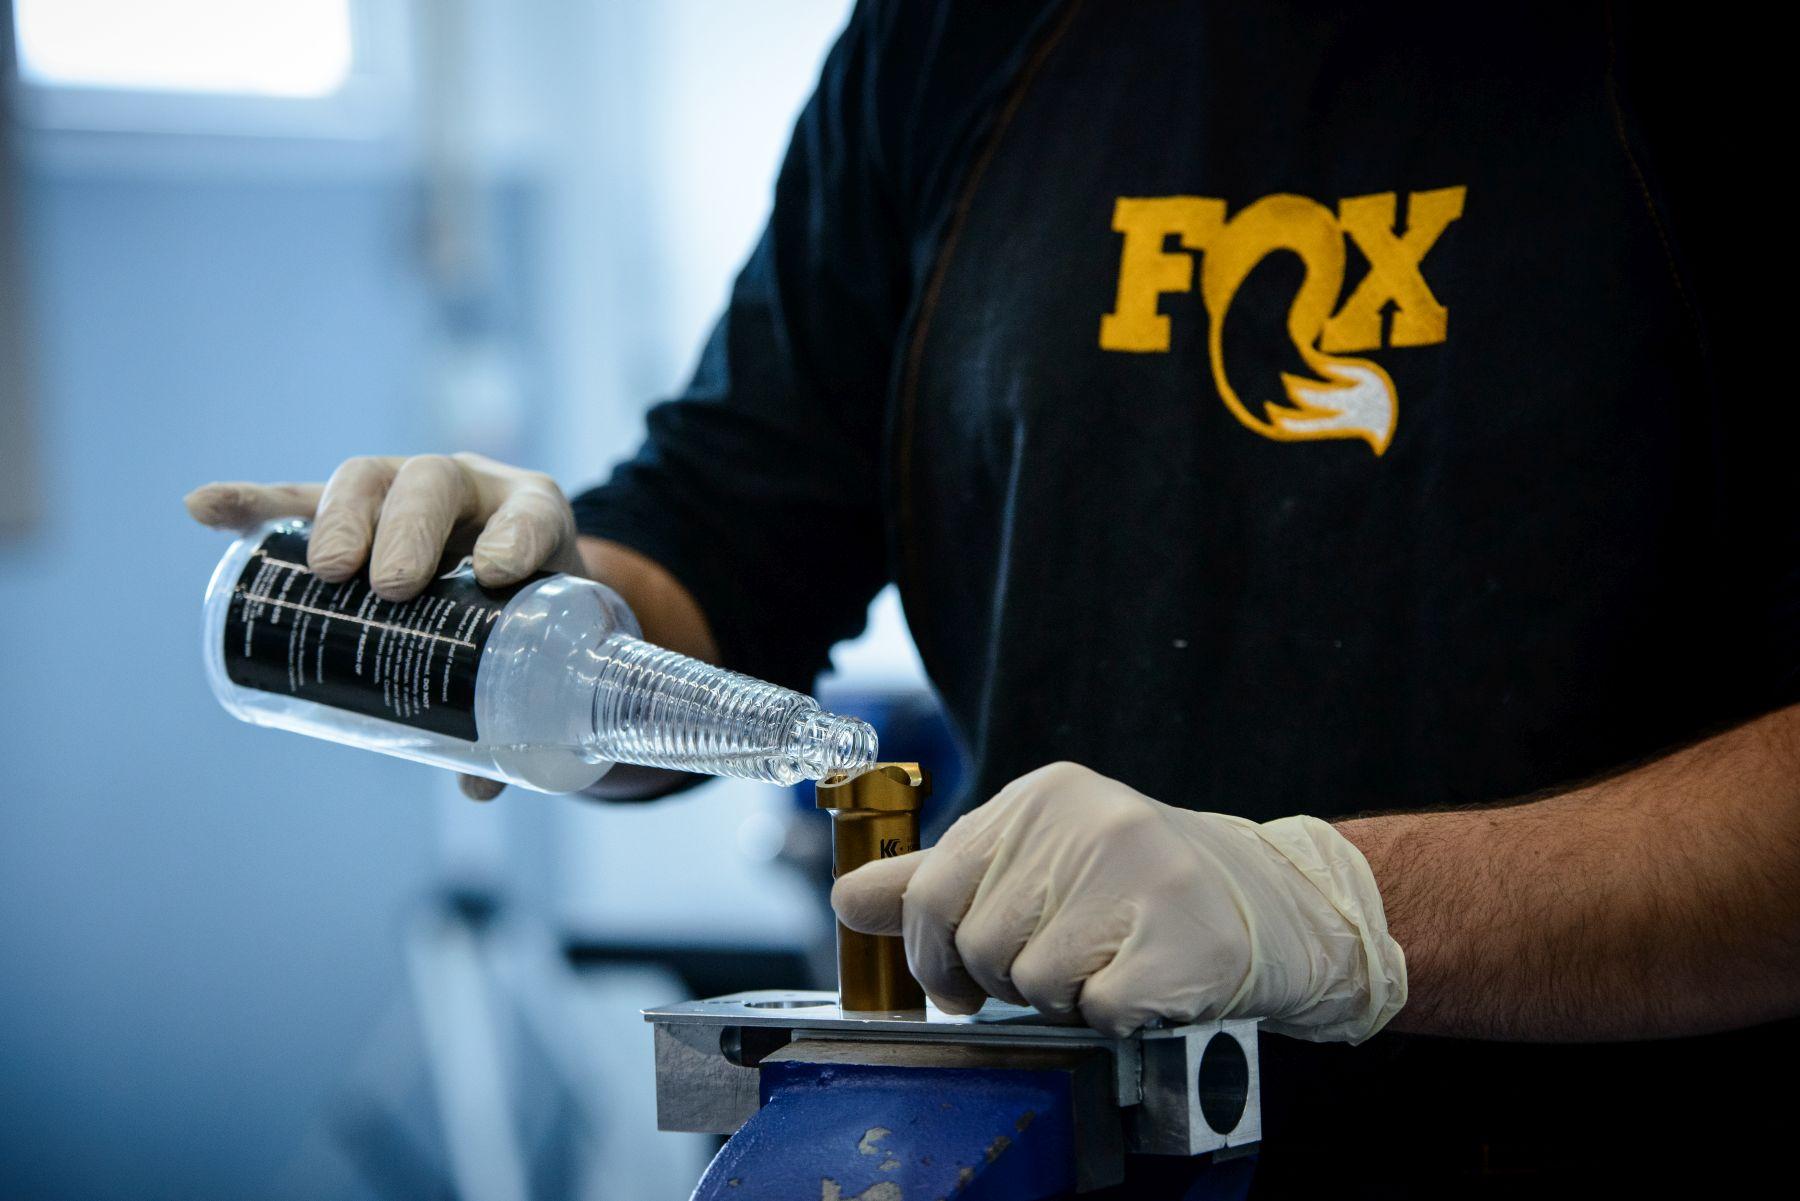 Usar productos originales de Fox es una forma de garantizar que siempre estás empleando elementos 100% pensados para tu suspensión. Desde piezas de recambio a aceites.